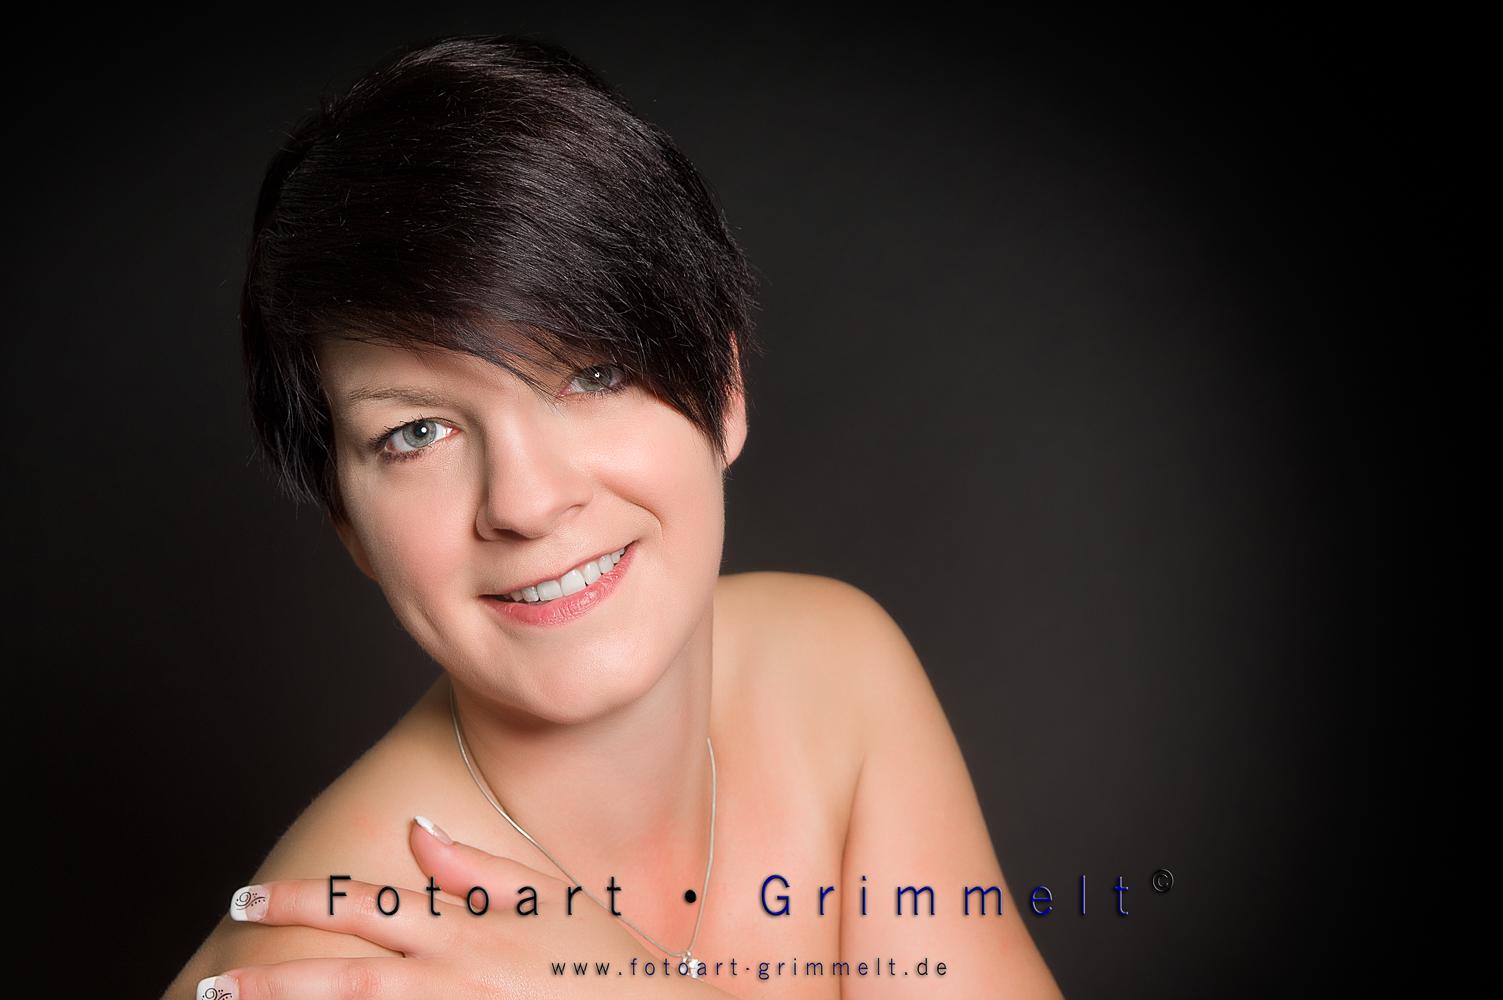 Kerstin Stockhammer